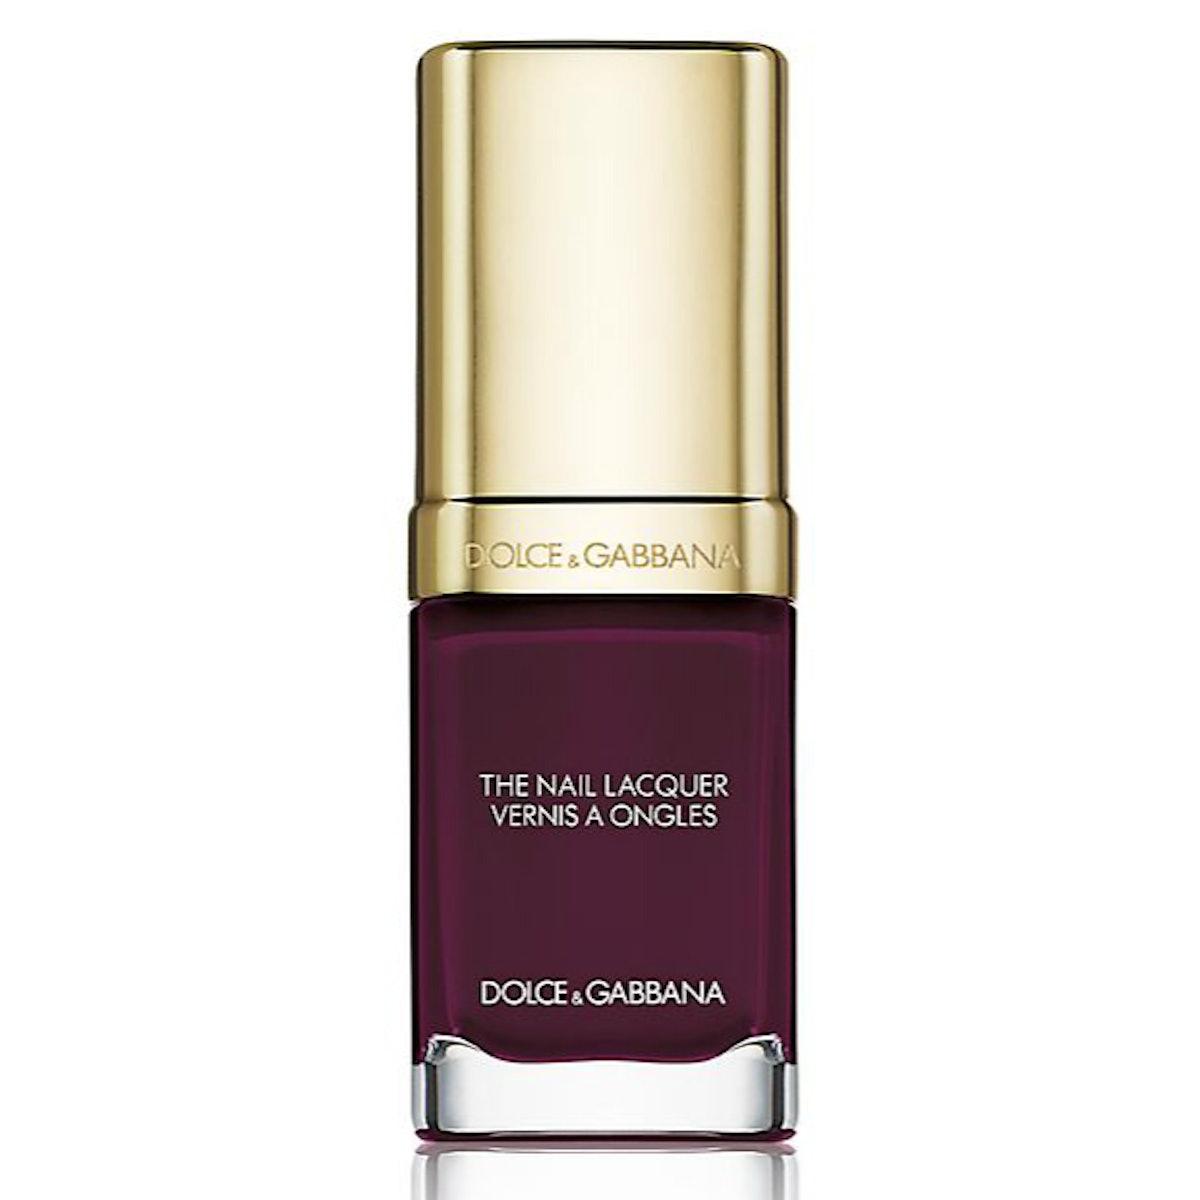 Dolce & Gabbana nail polish in Amethyst